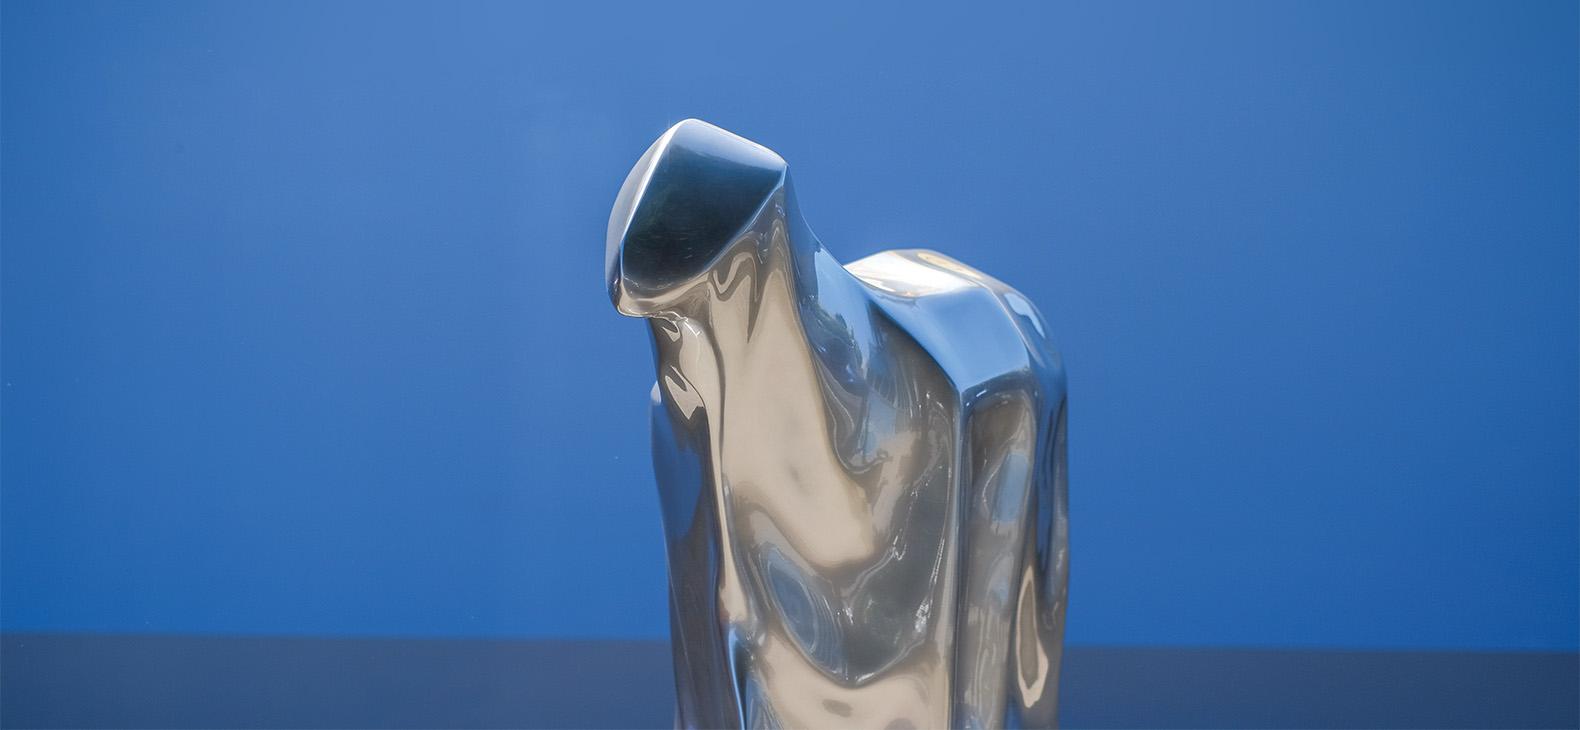 SpaceSheep, Csongor G. Szigeti, Skulptur (Epoxidharz, Autolack), 97x130x48 cm, 2013/2020